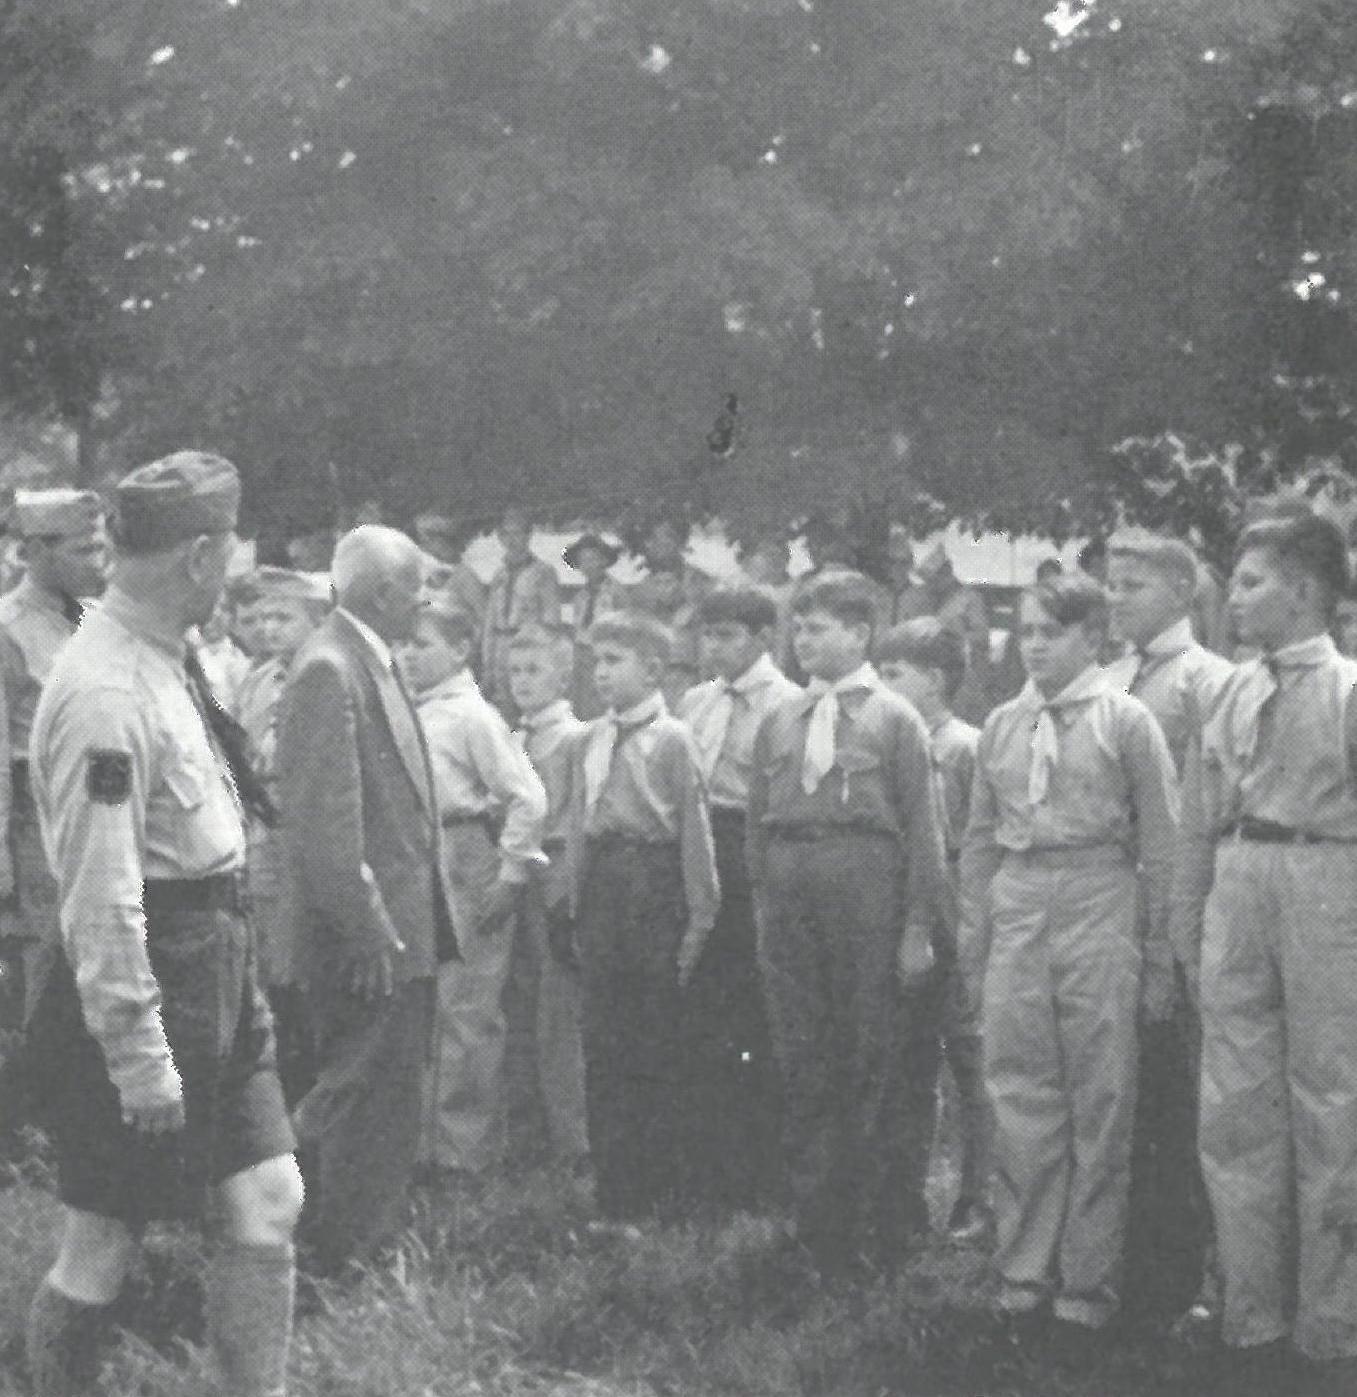 Відвідини Начального Пластуна Сірого Лева на Вовчу Тропу, СЮ 1953 р.